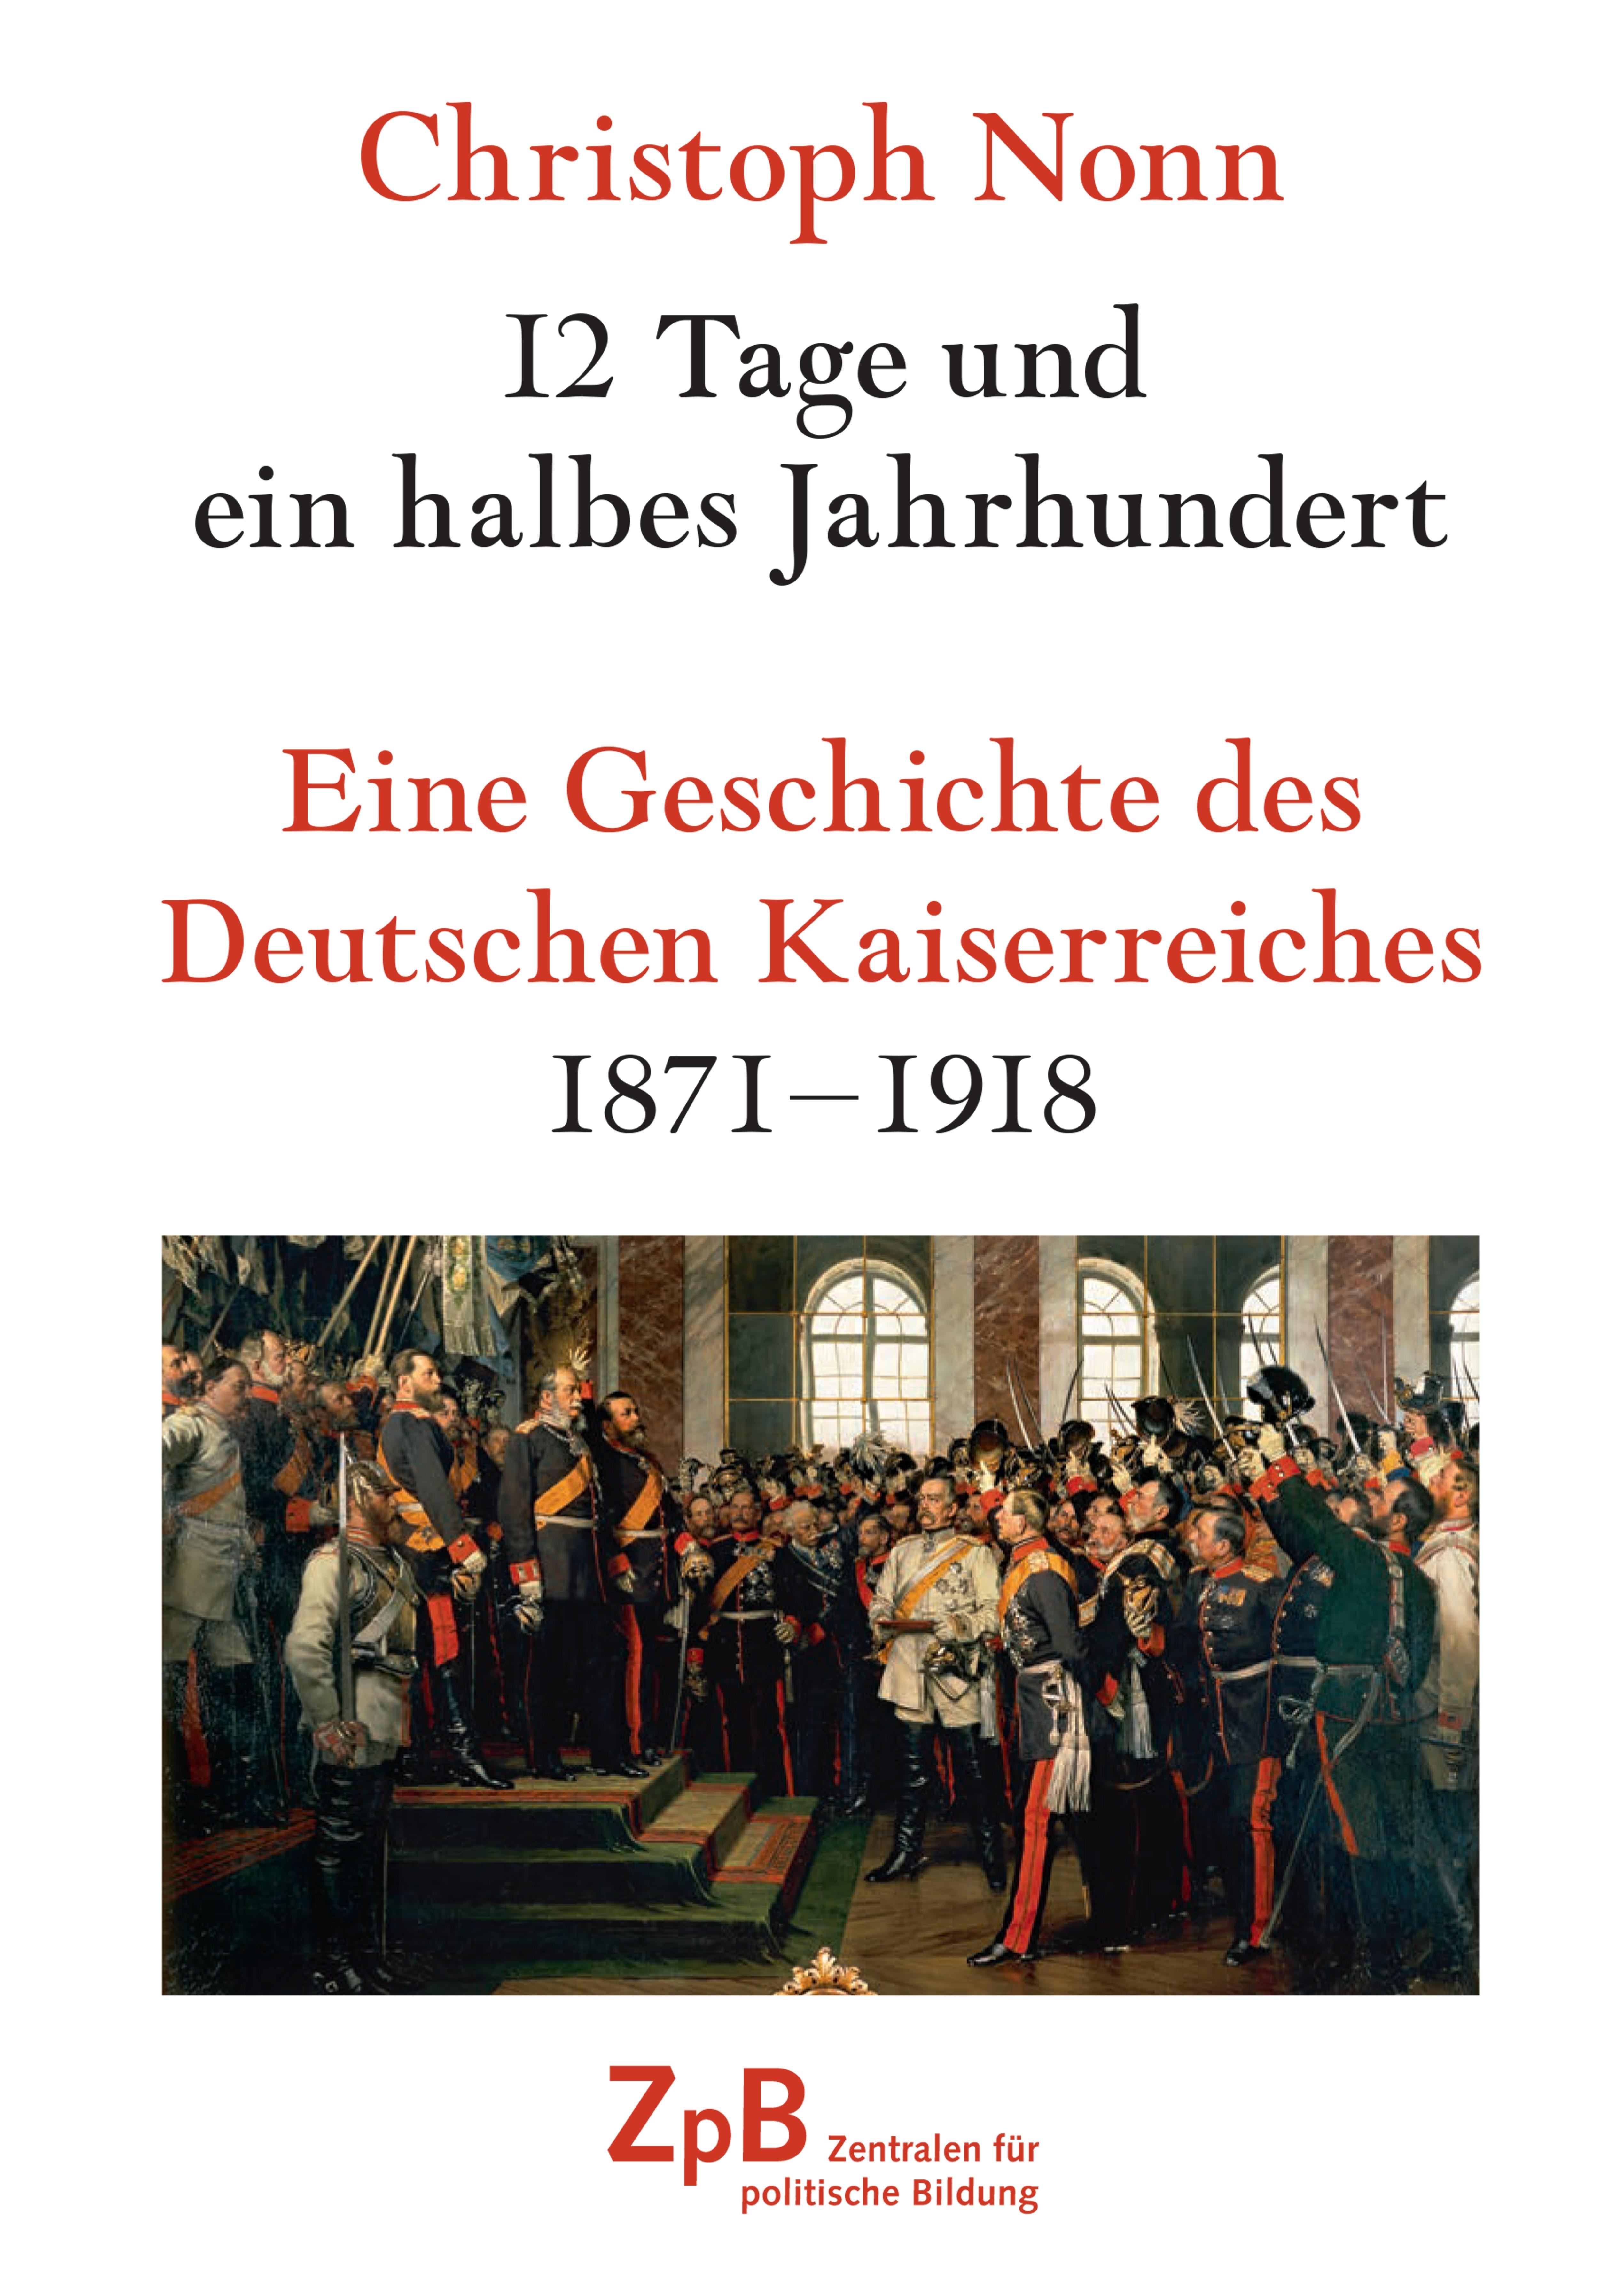 Titelbild groß 312* Eine Geschichte des Deutschen Kaiserreiches 1871-1918